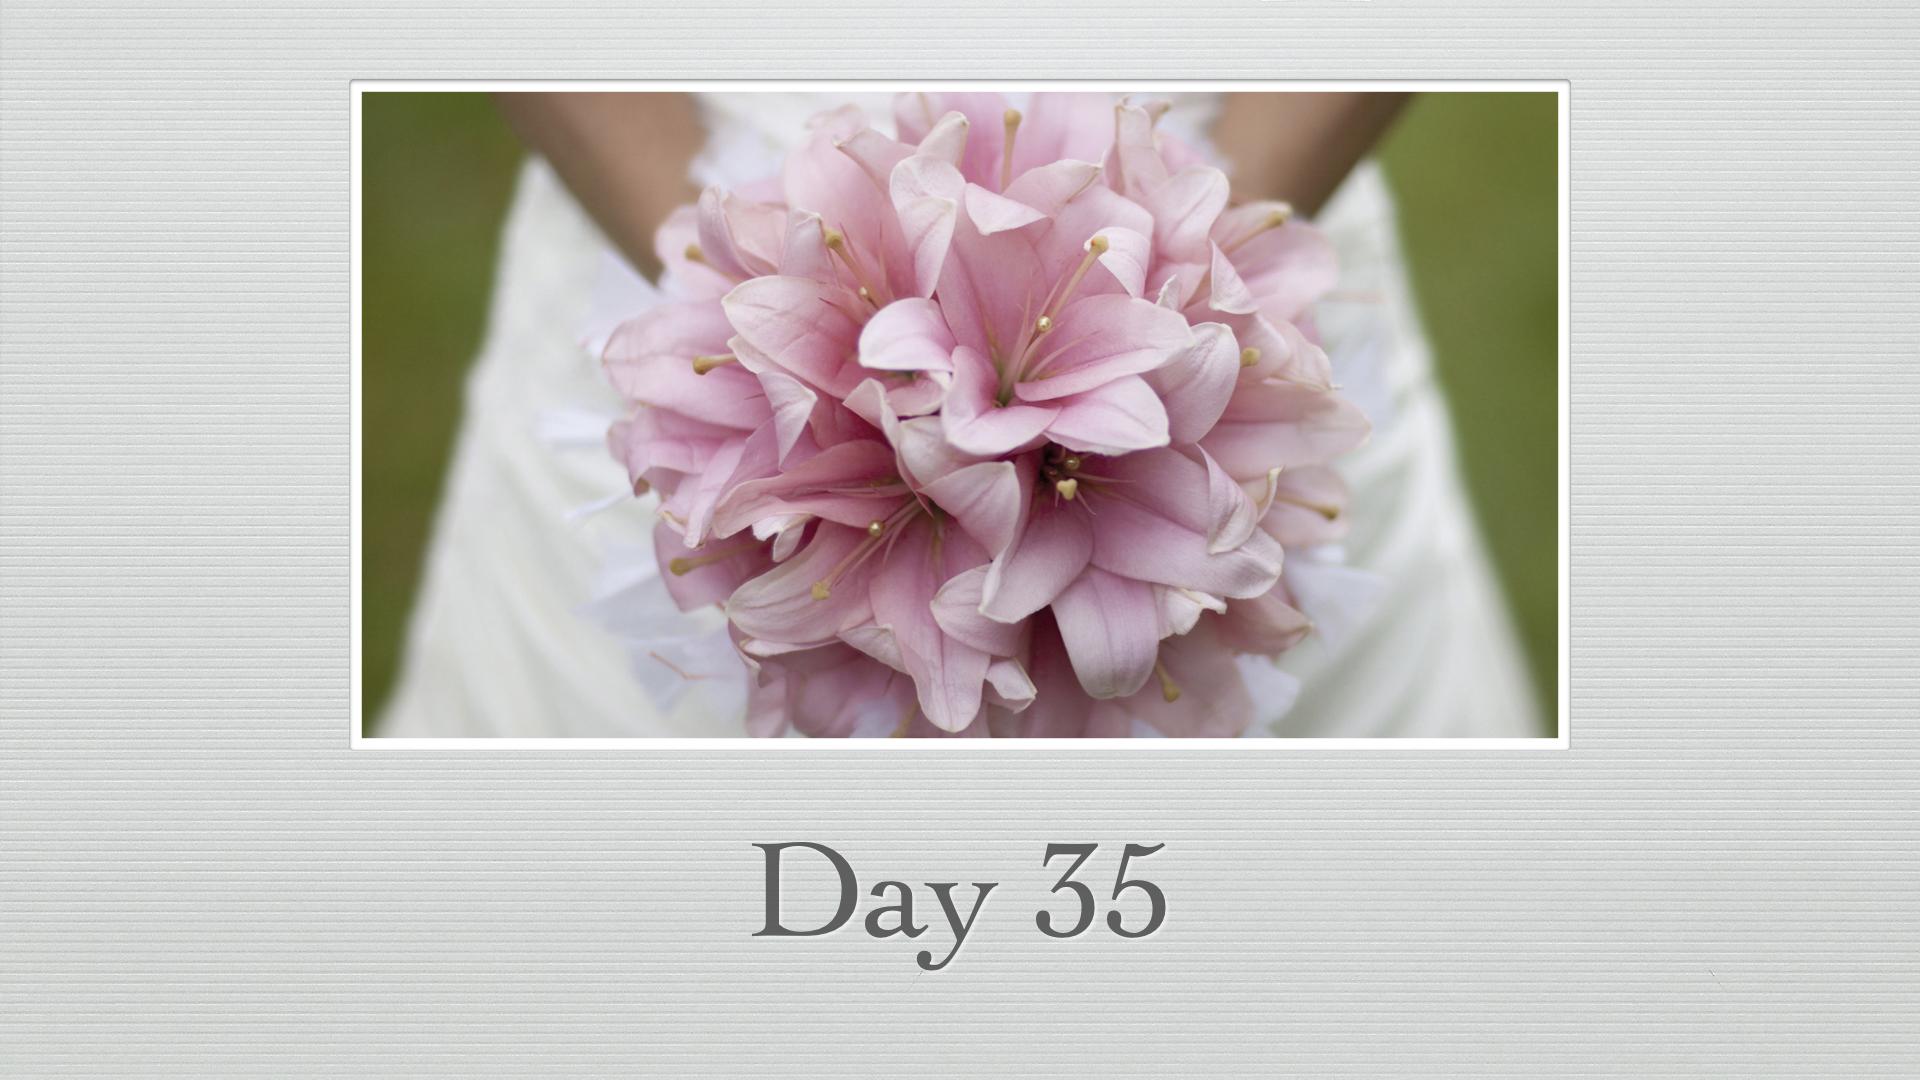 #Day35-耶穌陪你一起做40天的心靈鍛鍊